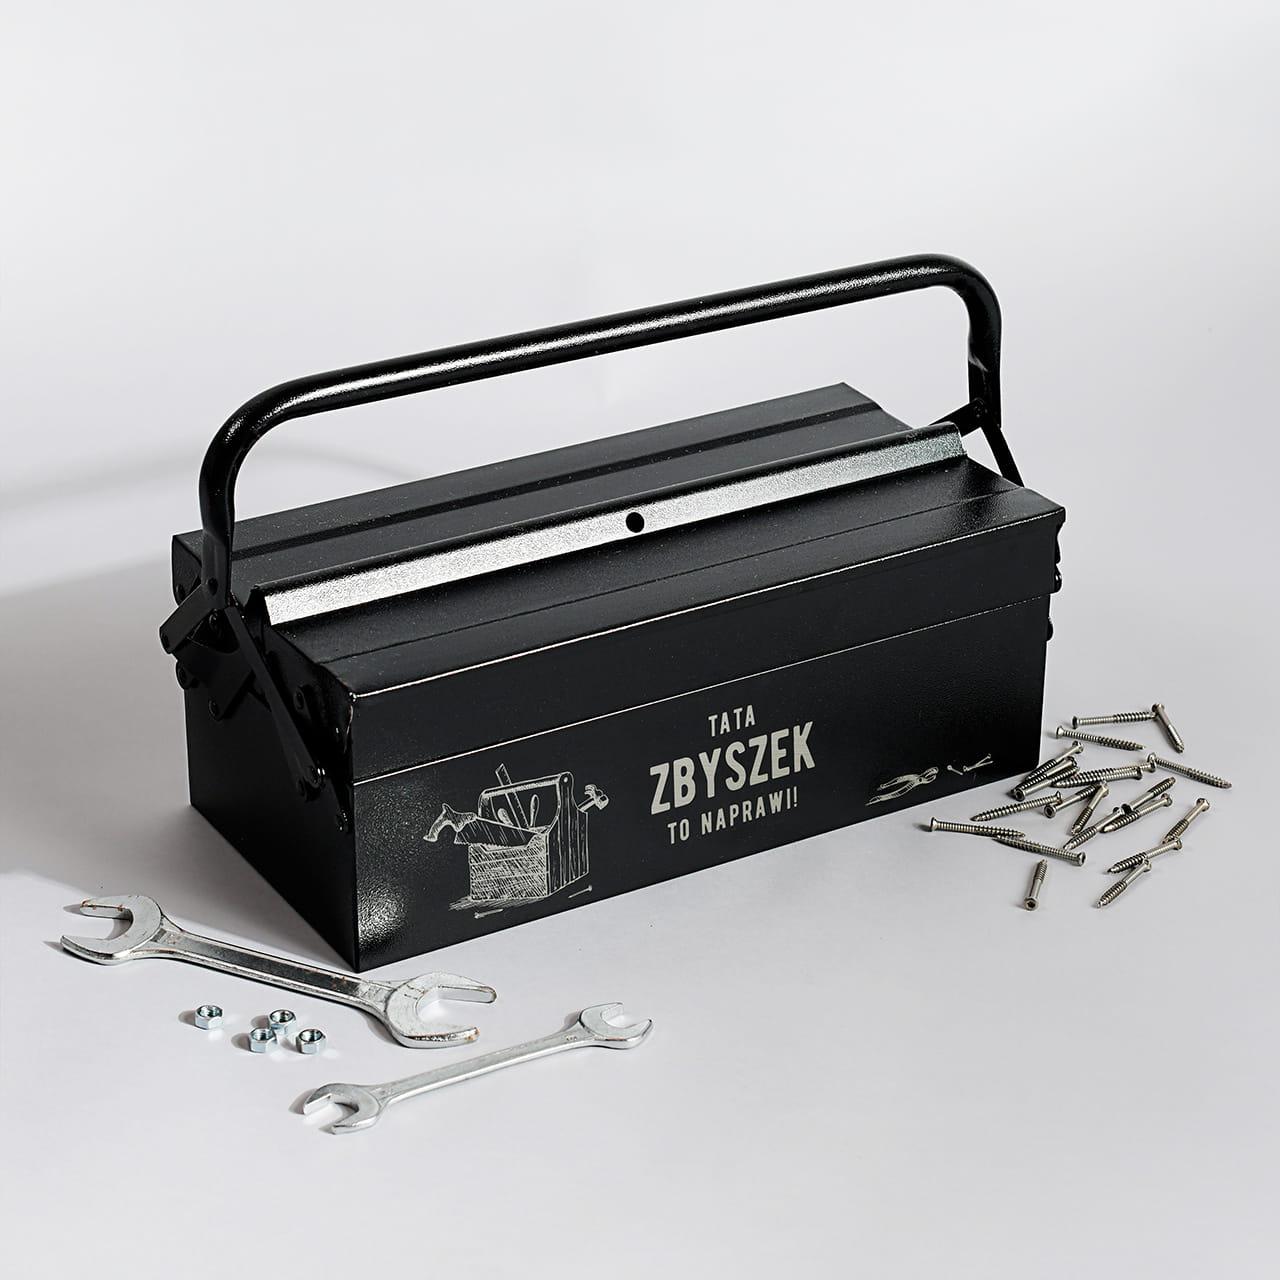 Skrzynka na narzędzia jako wyjątkowy prezent dla taty